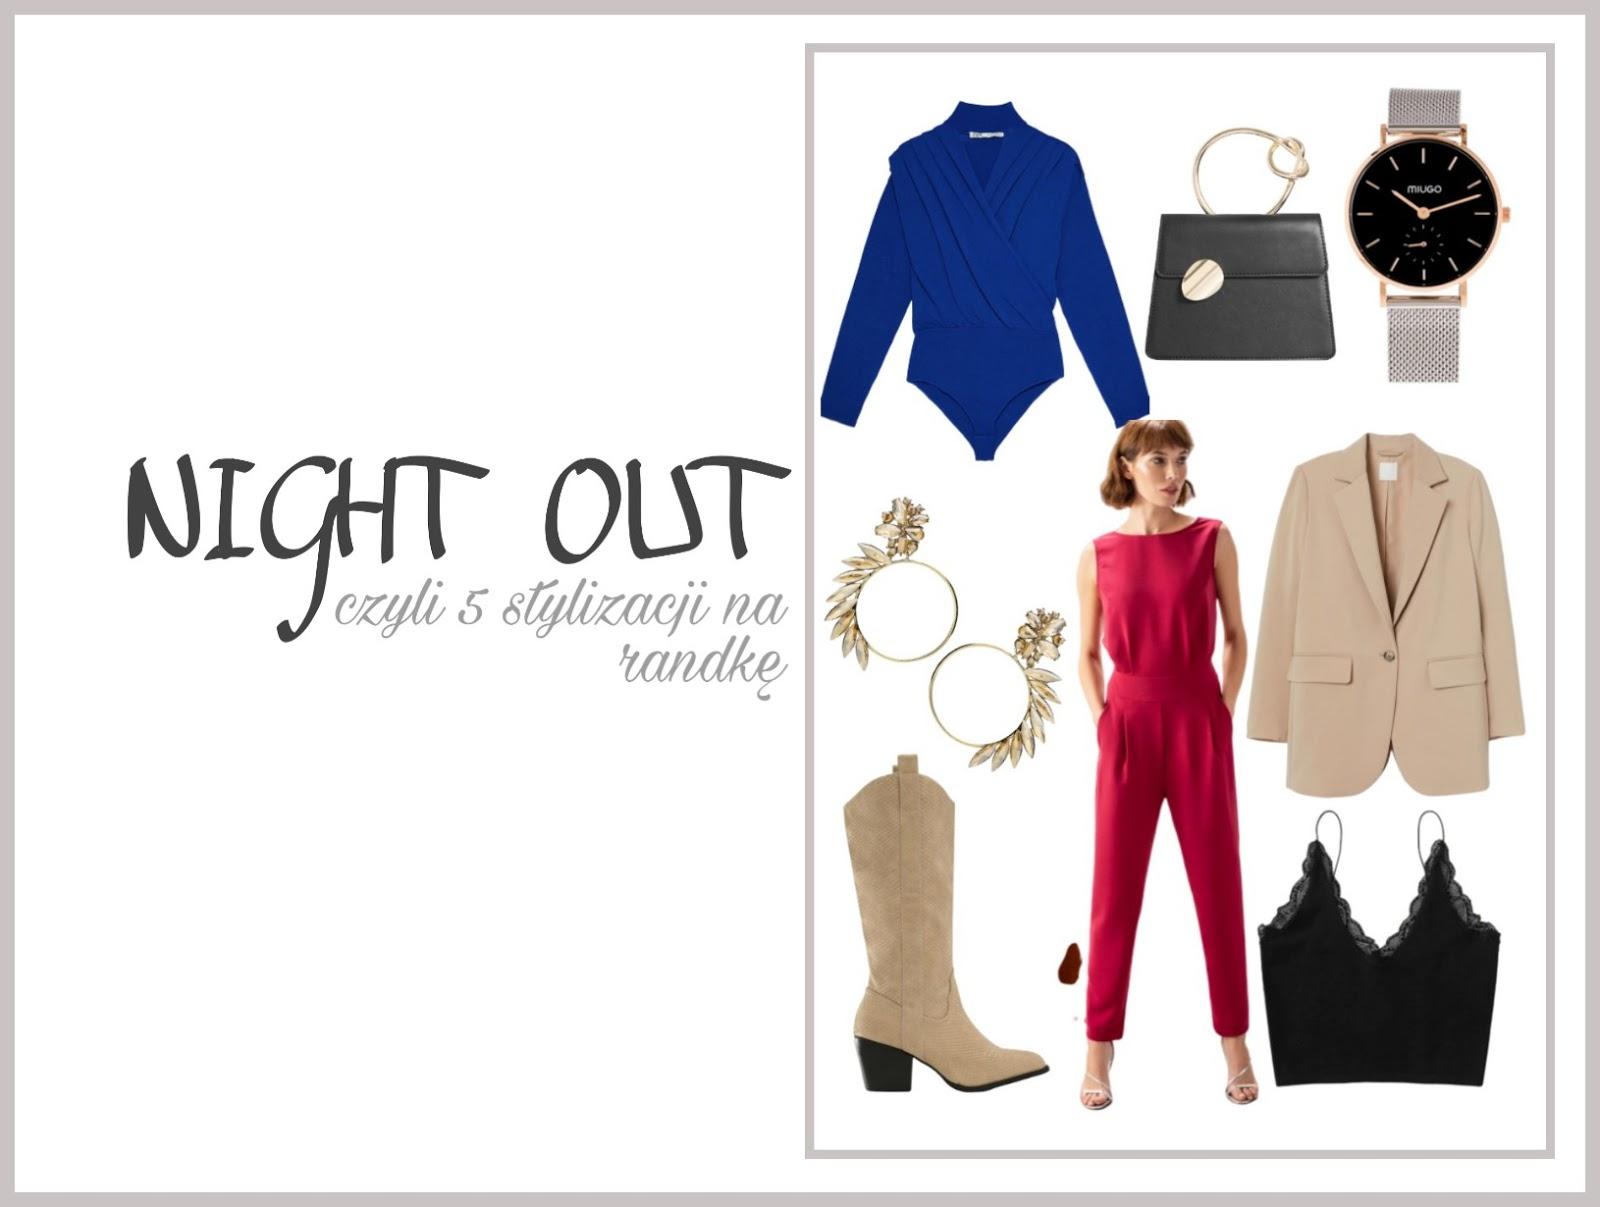 Perfect Valntine's outfit czyli 5 stylizacji na randkę